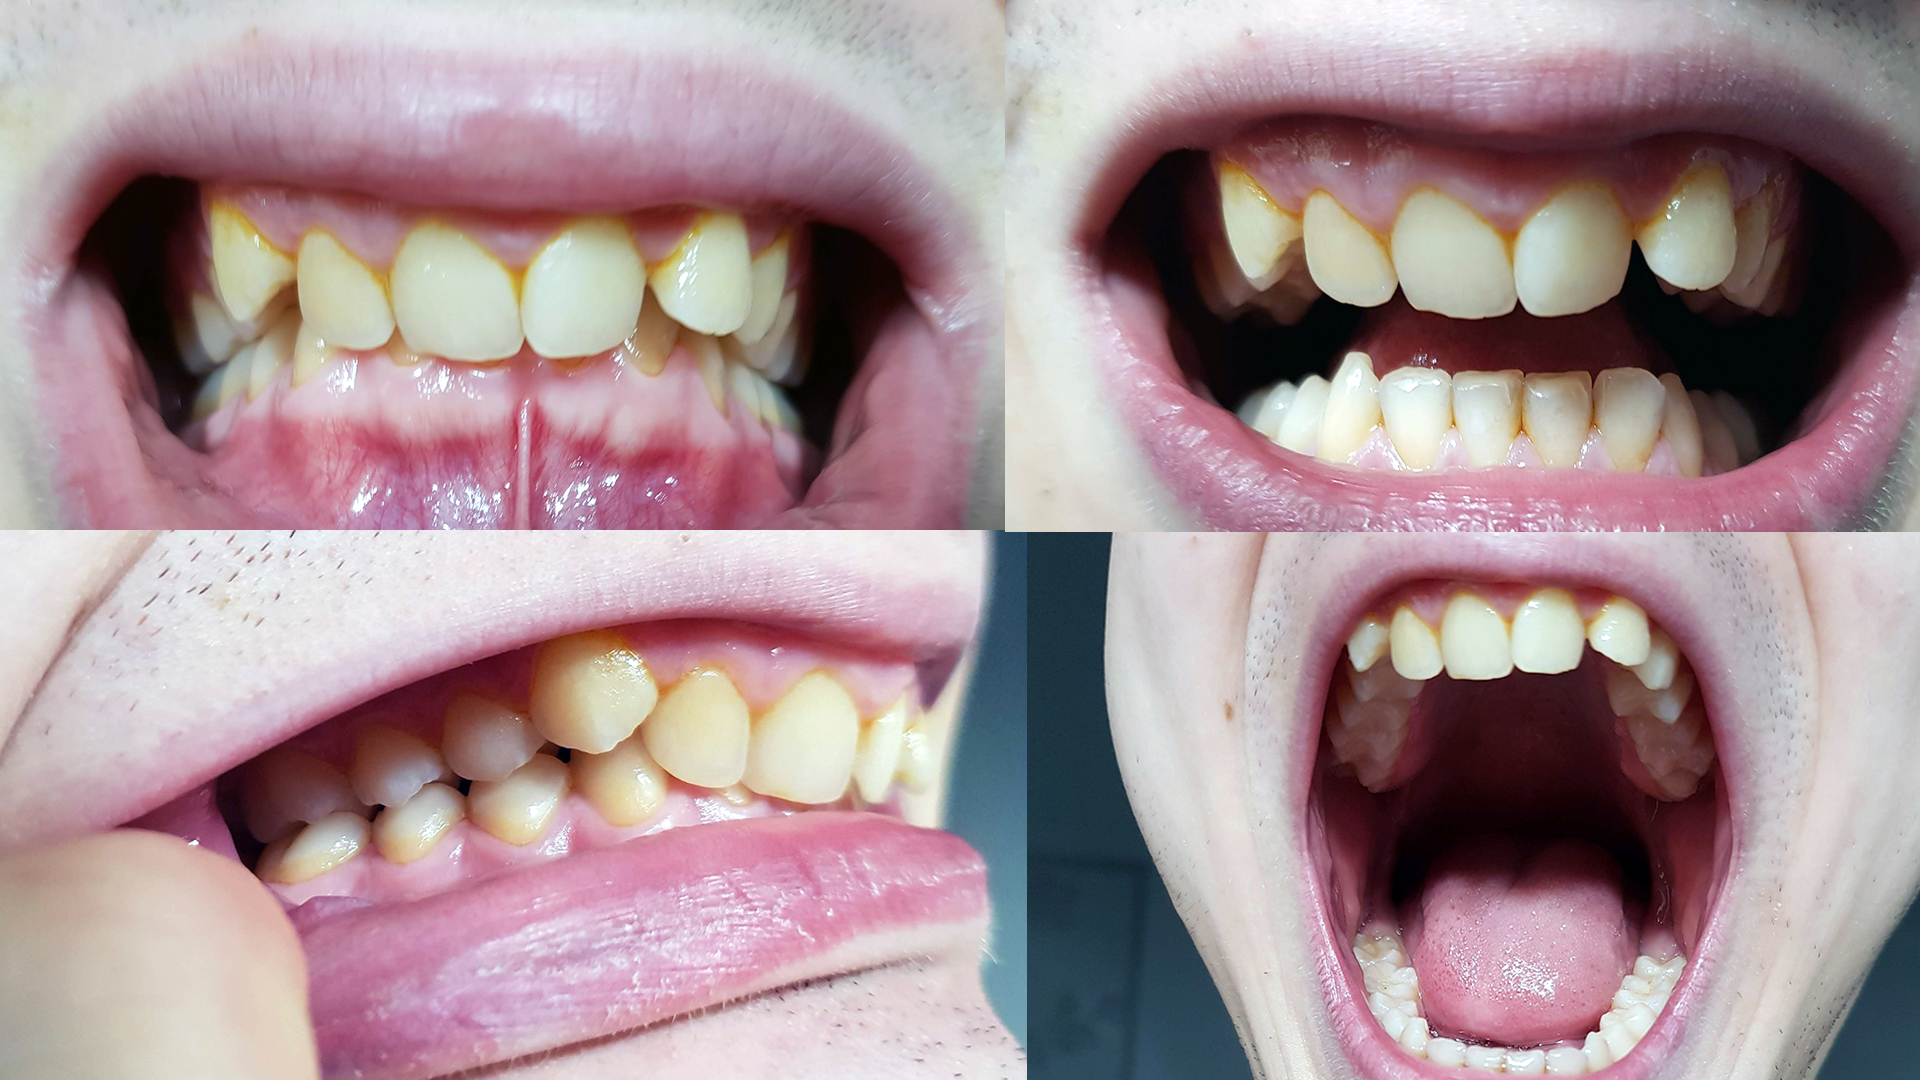 Da un anno soffro di disturbi cranio mandibolari molto fastidiosi